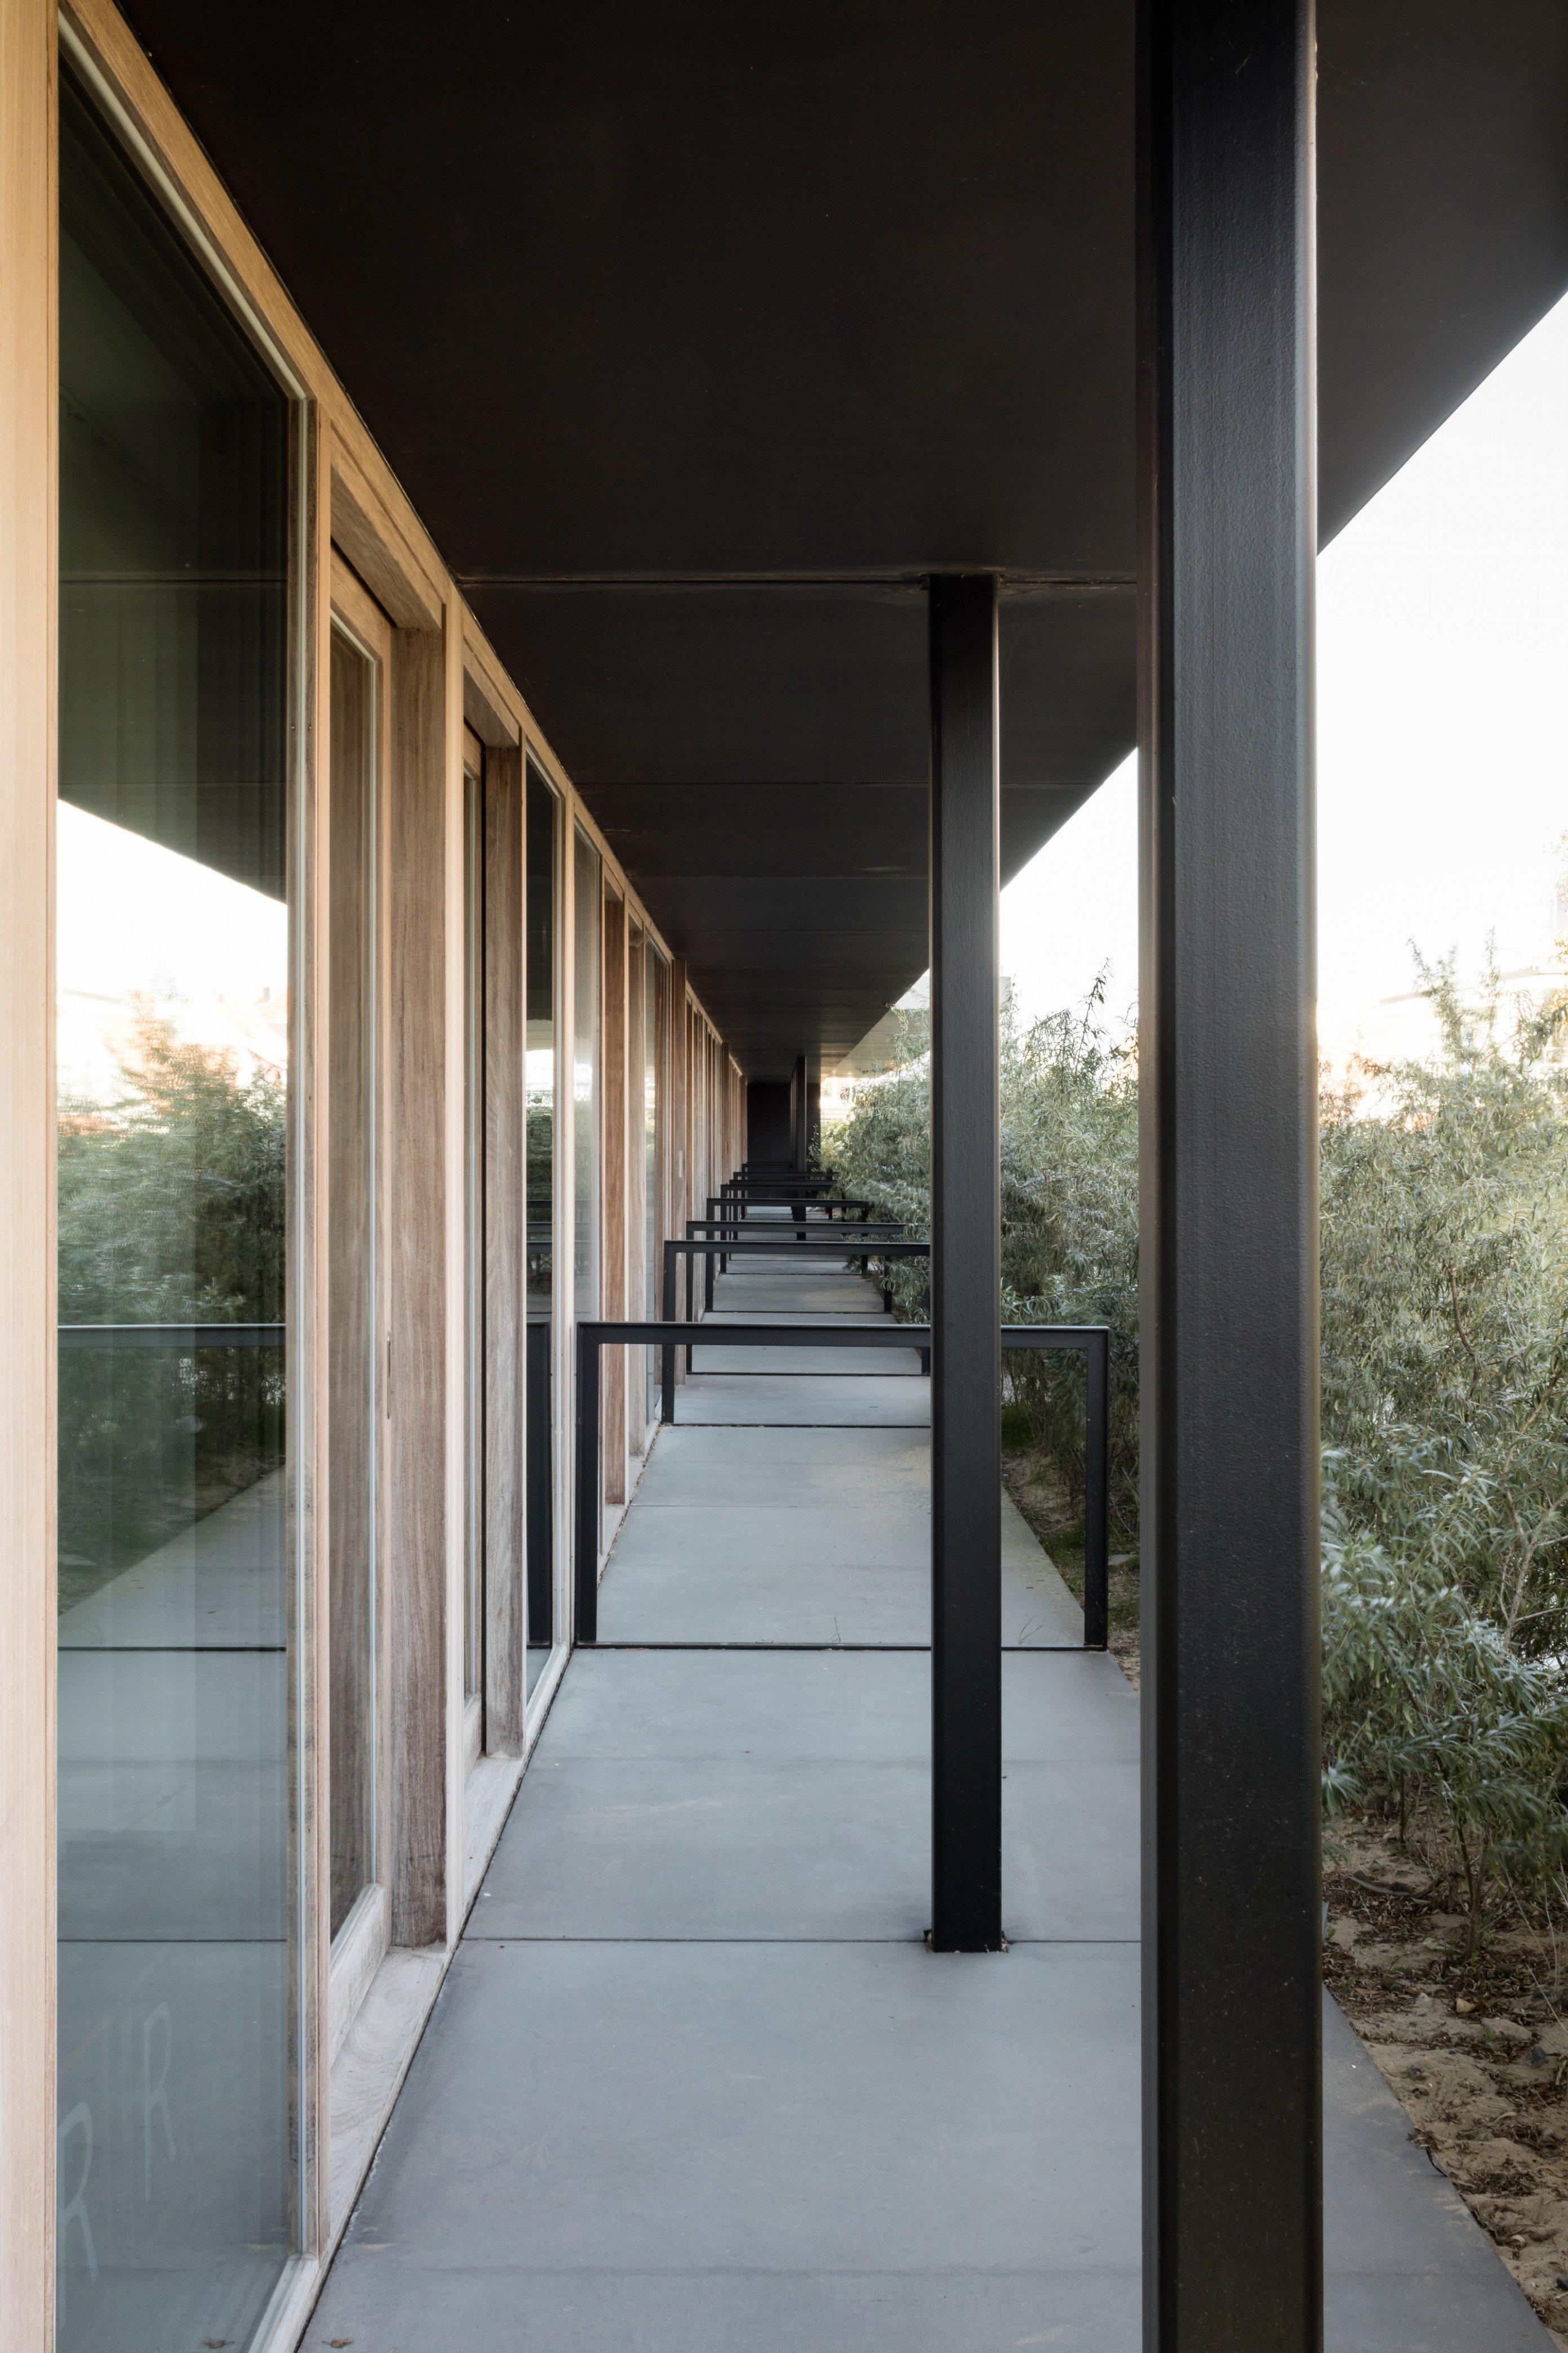 Rietveldprojects-Corbu-Koksijde-Fototimvandevelde11